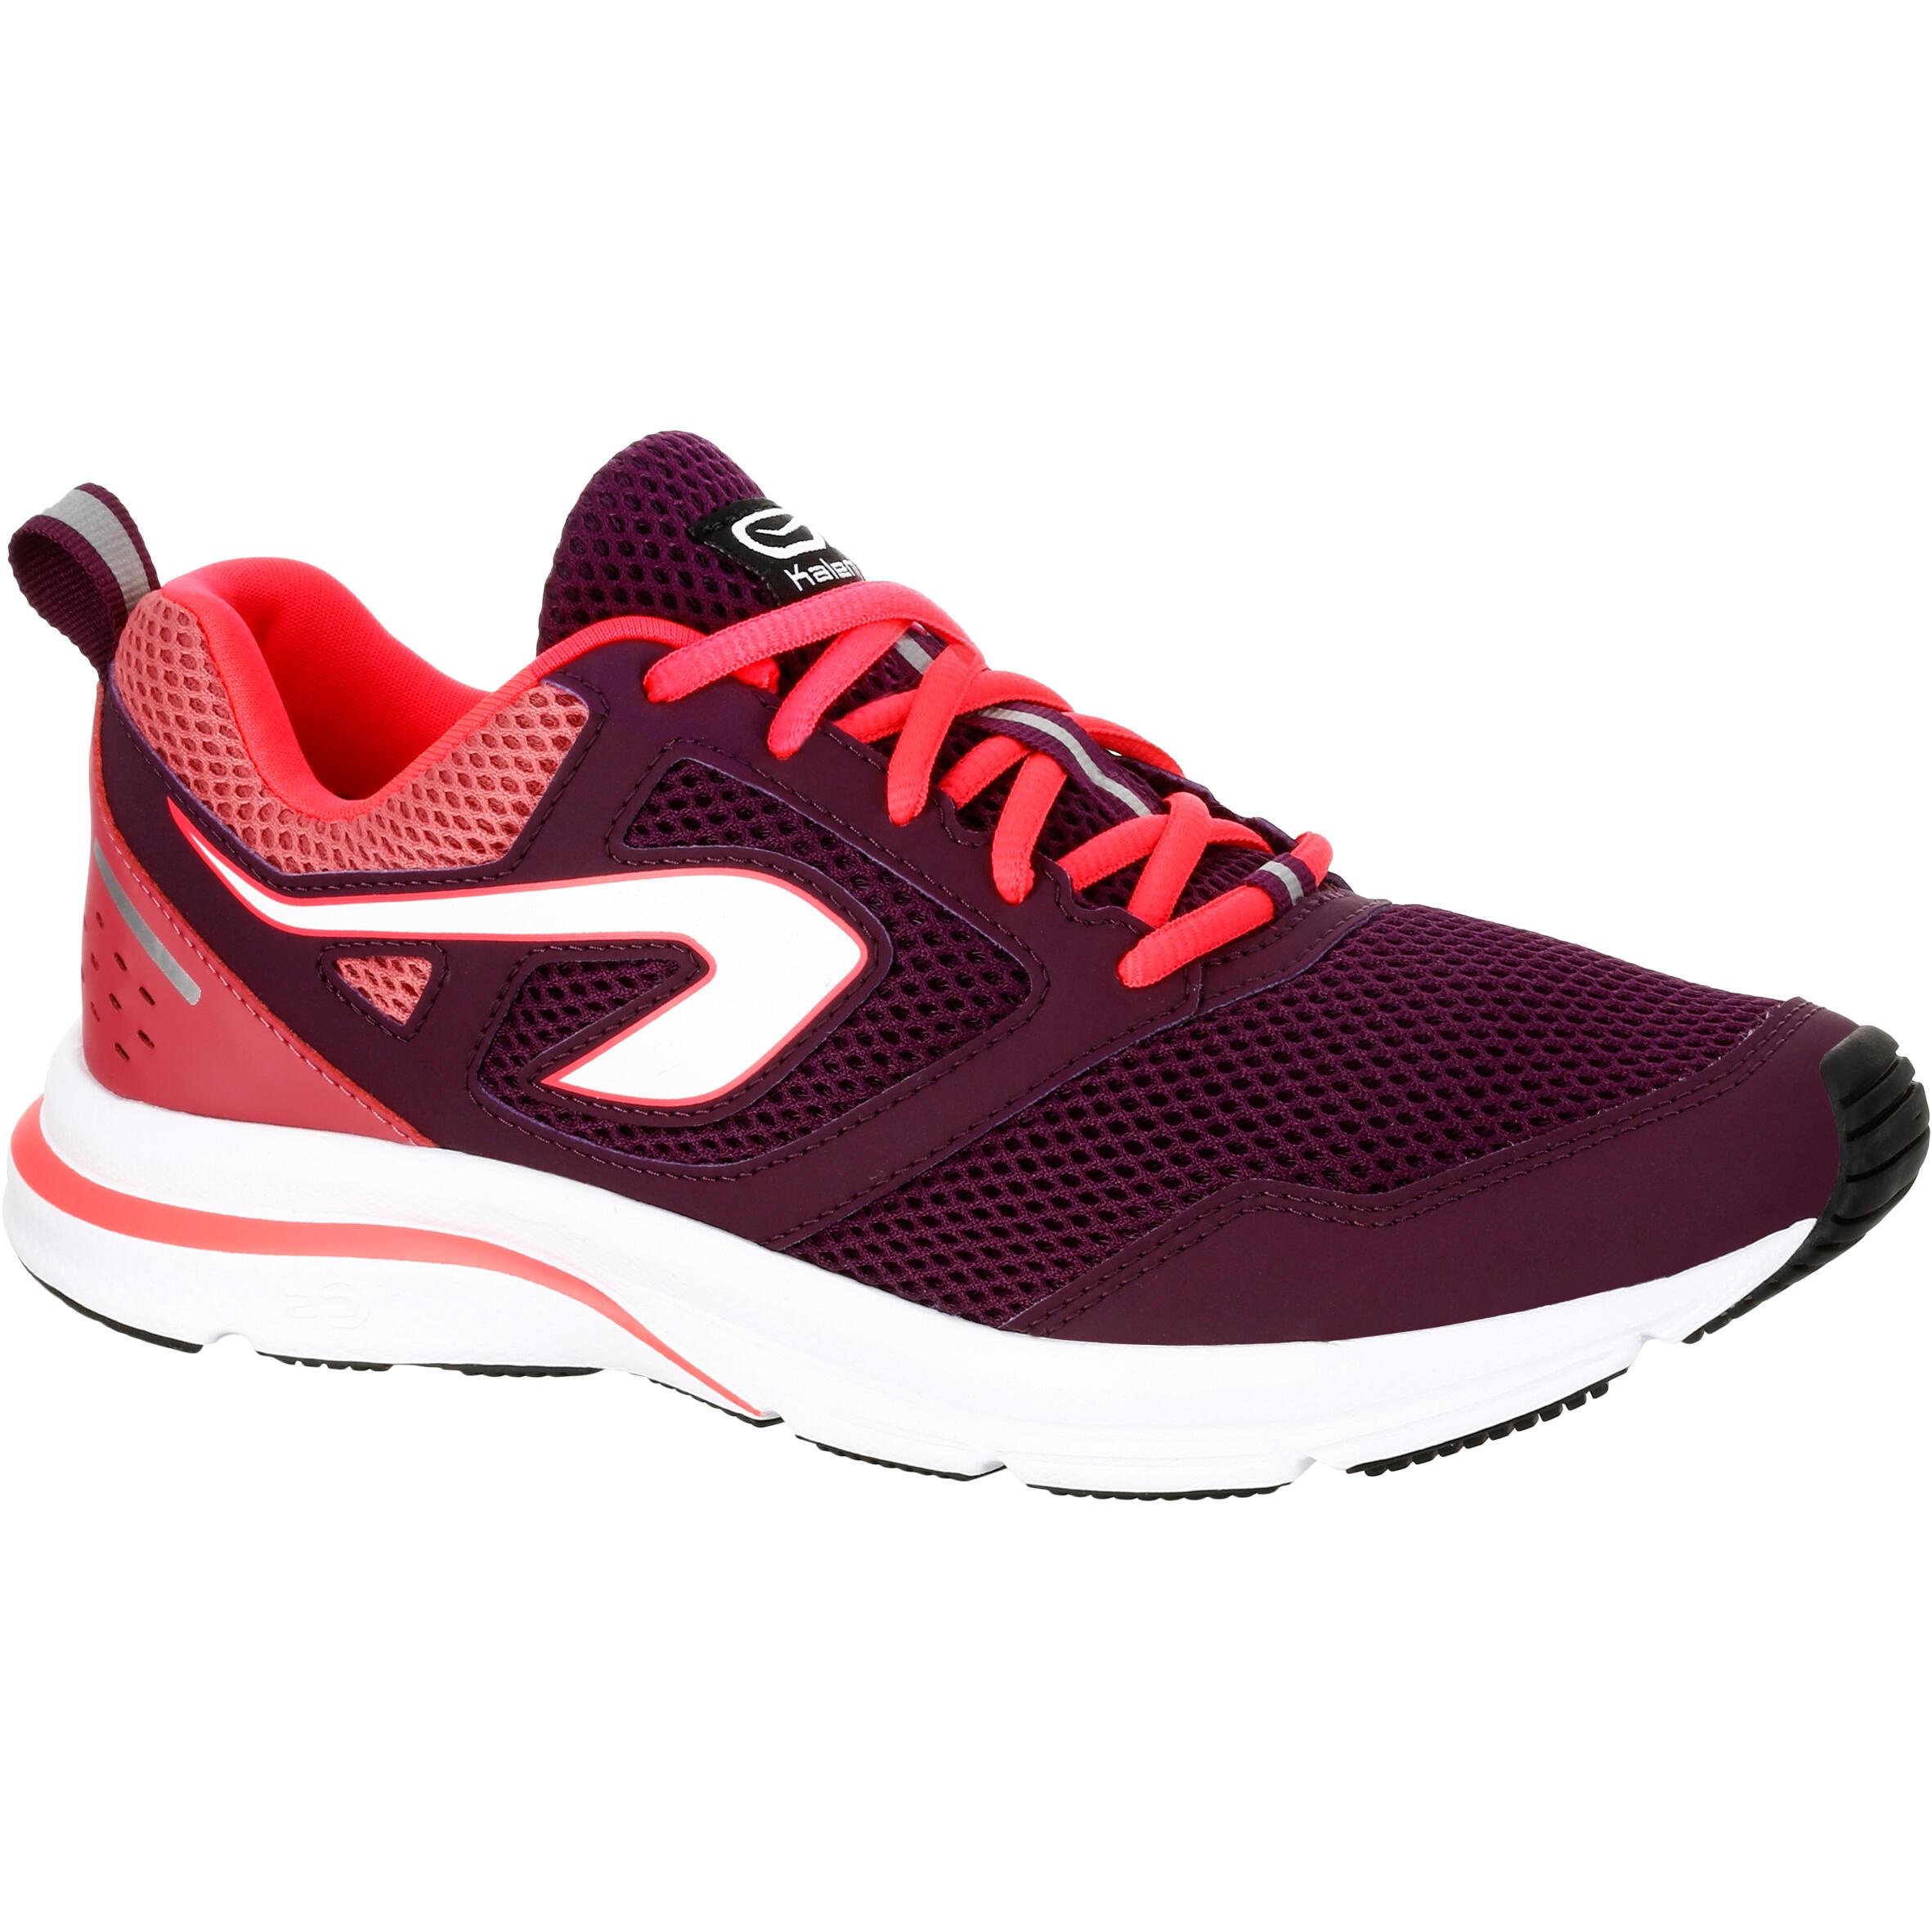 3c9e787bbce Comprar zapatillas de running online